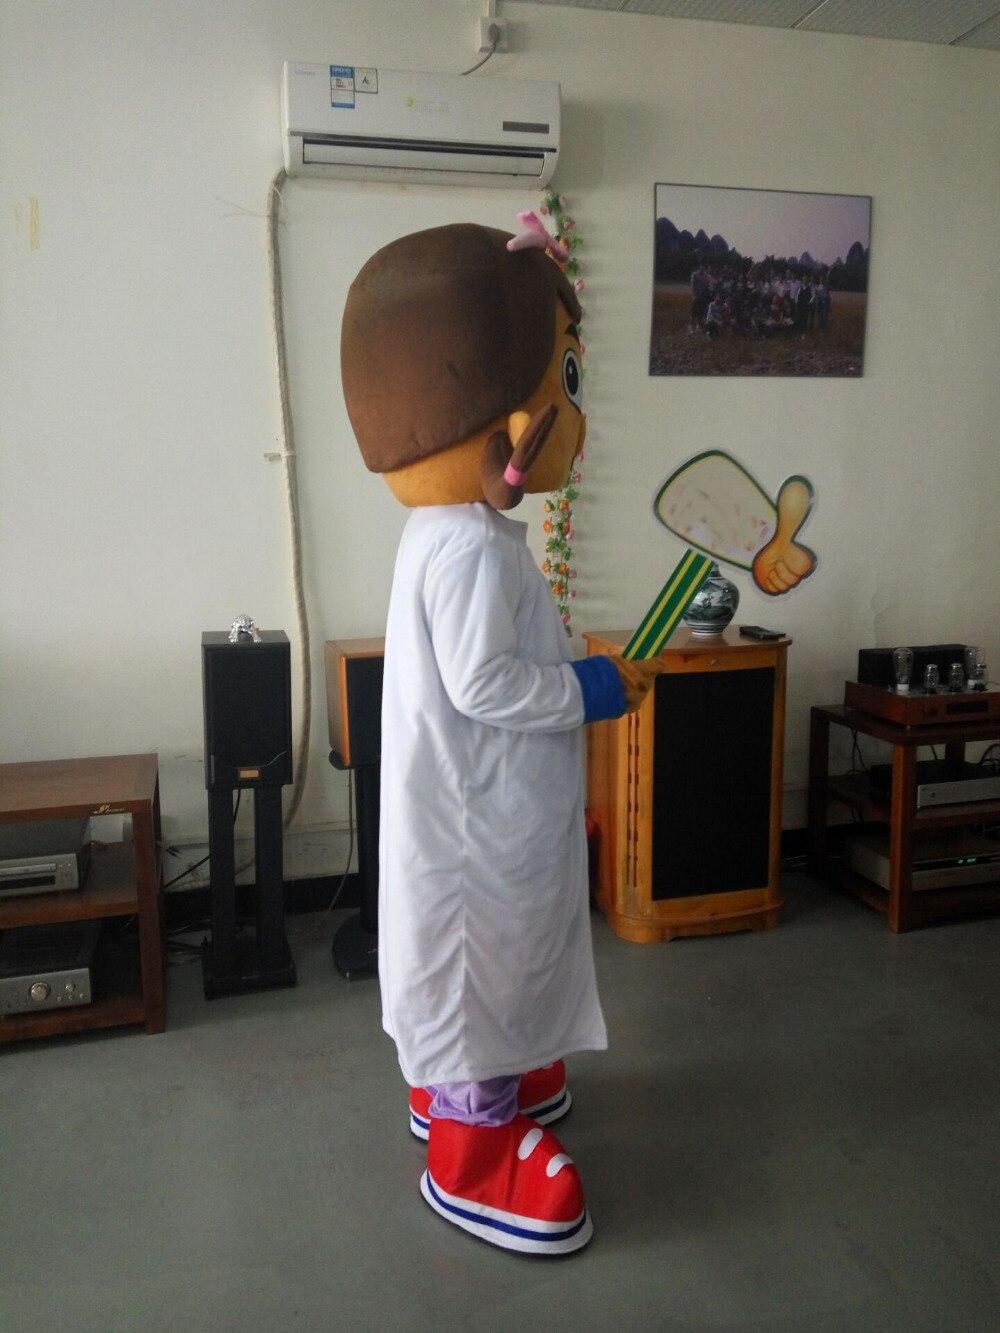 ohlees girls doctor Dottie McStuffins Doc McStuffins Mascot Costume Adult Size Party Costumes Fancy Dress Suit paarty